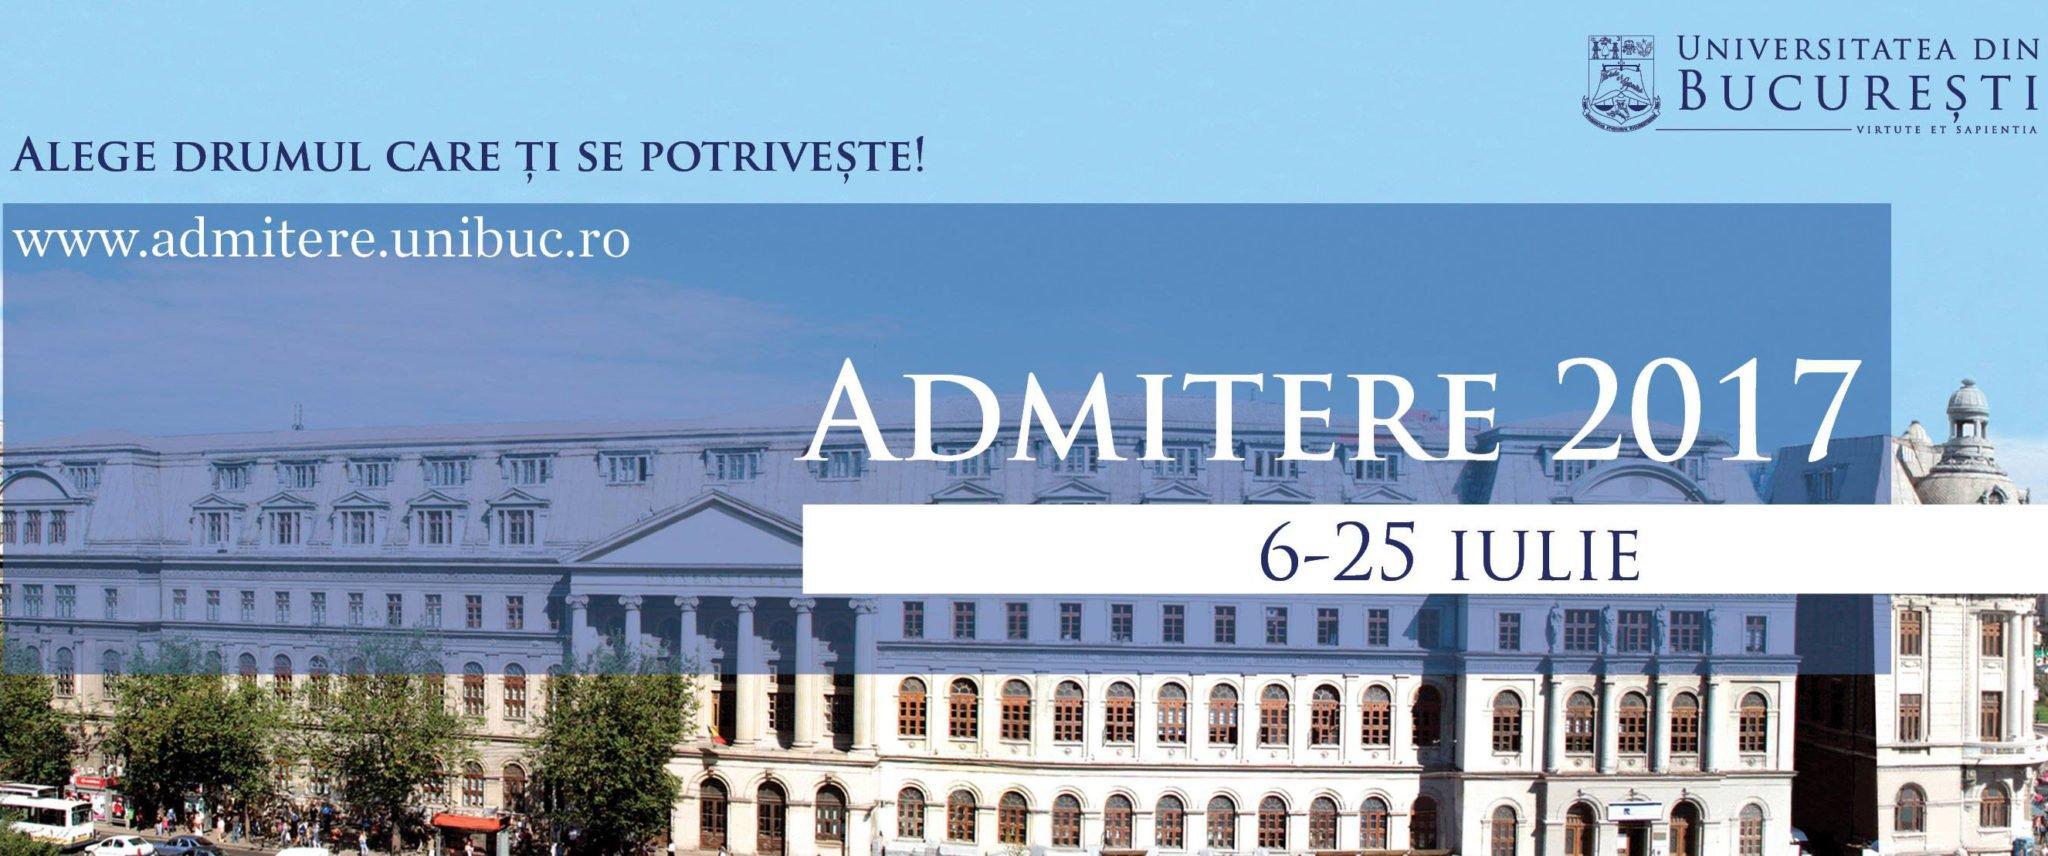 Universitatea din București asigură cazare gratuită în căminele proprii candidaților la admiterea 2017